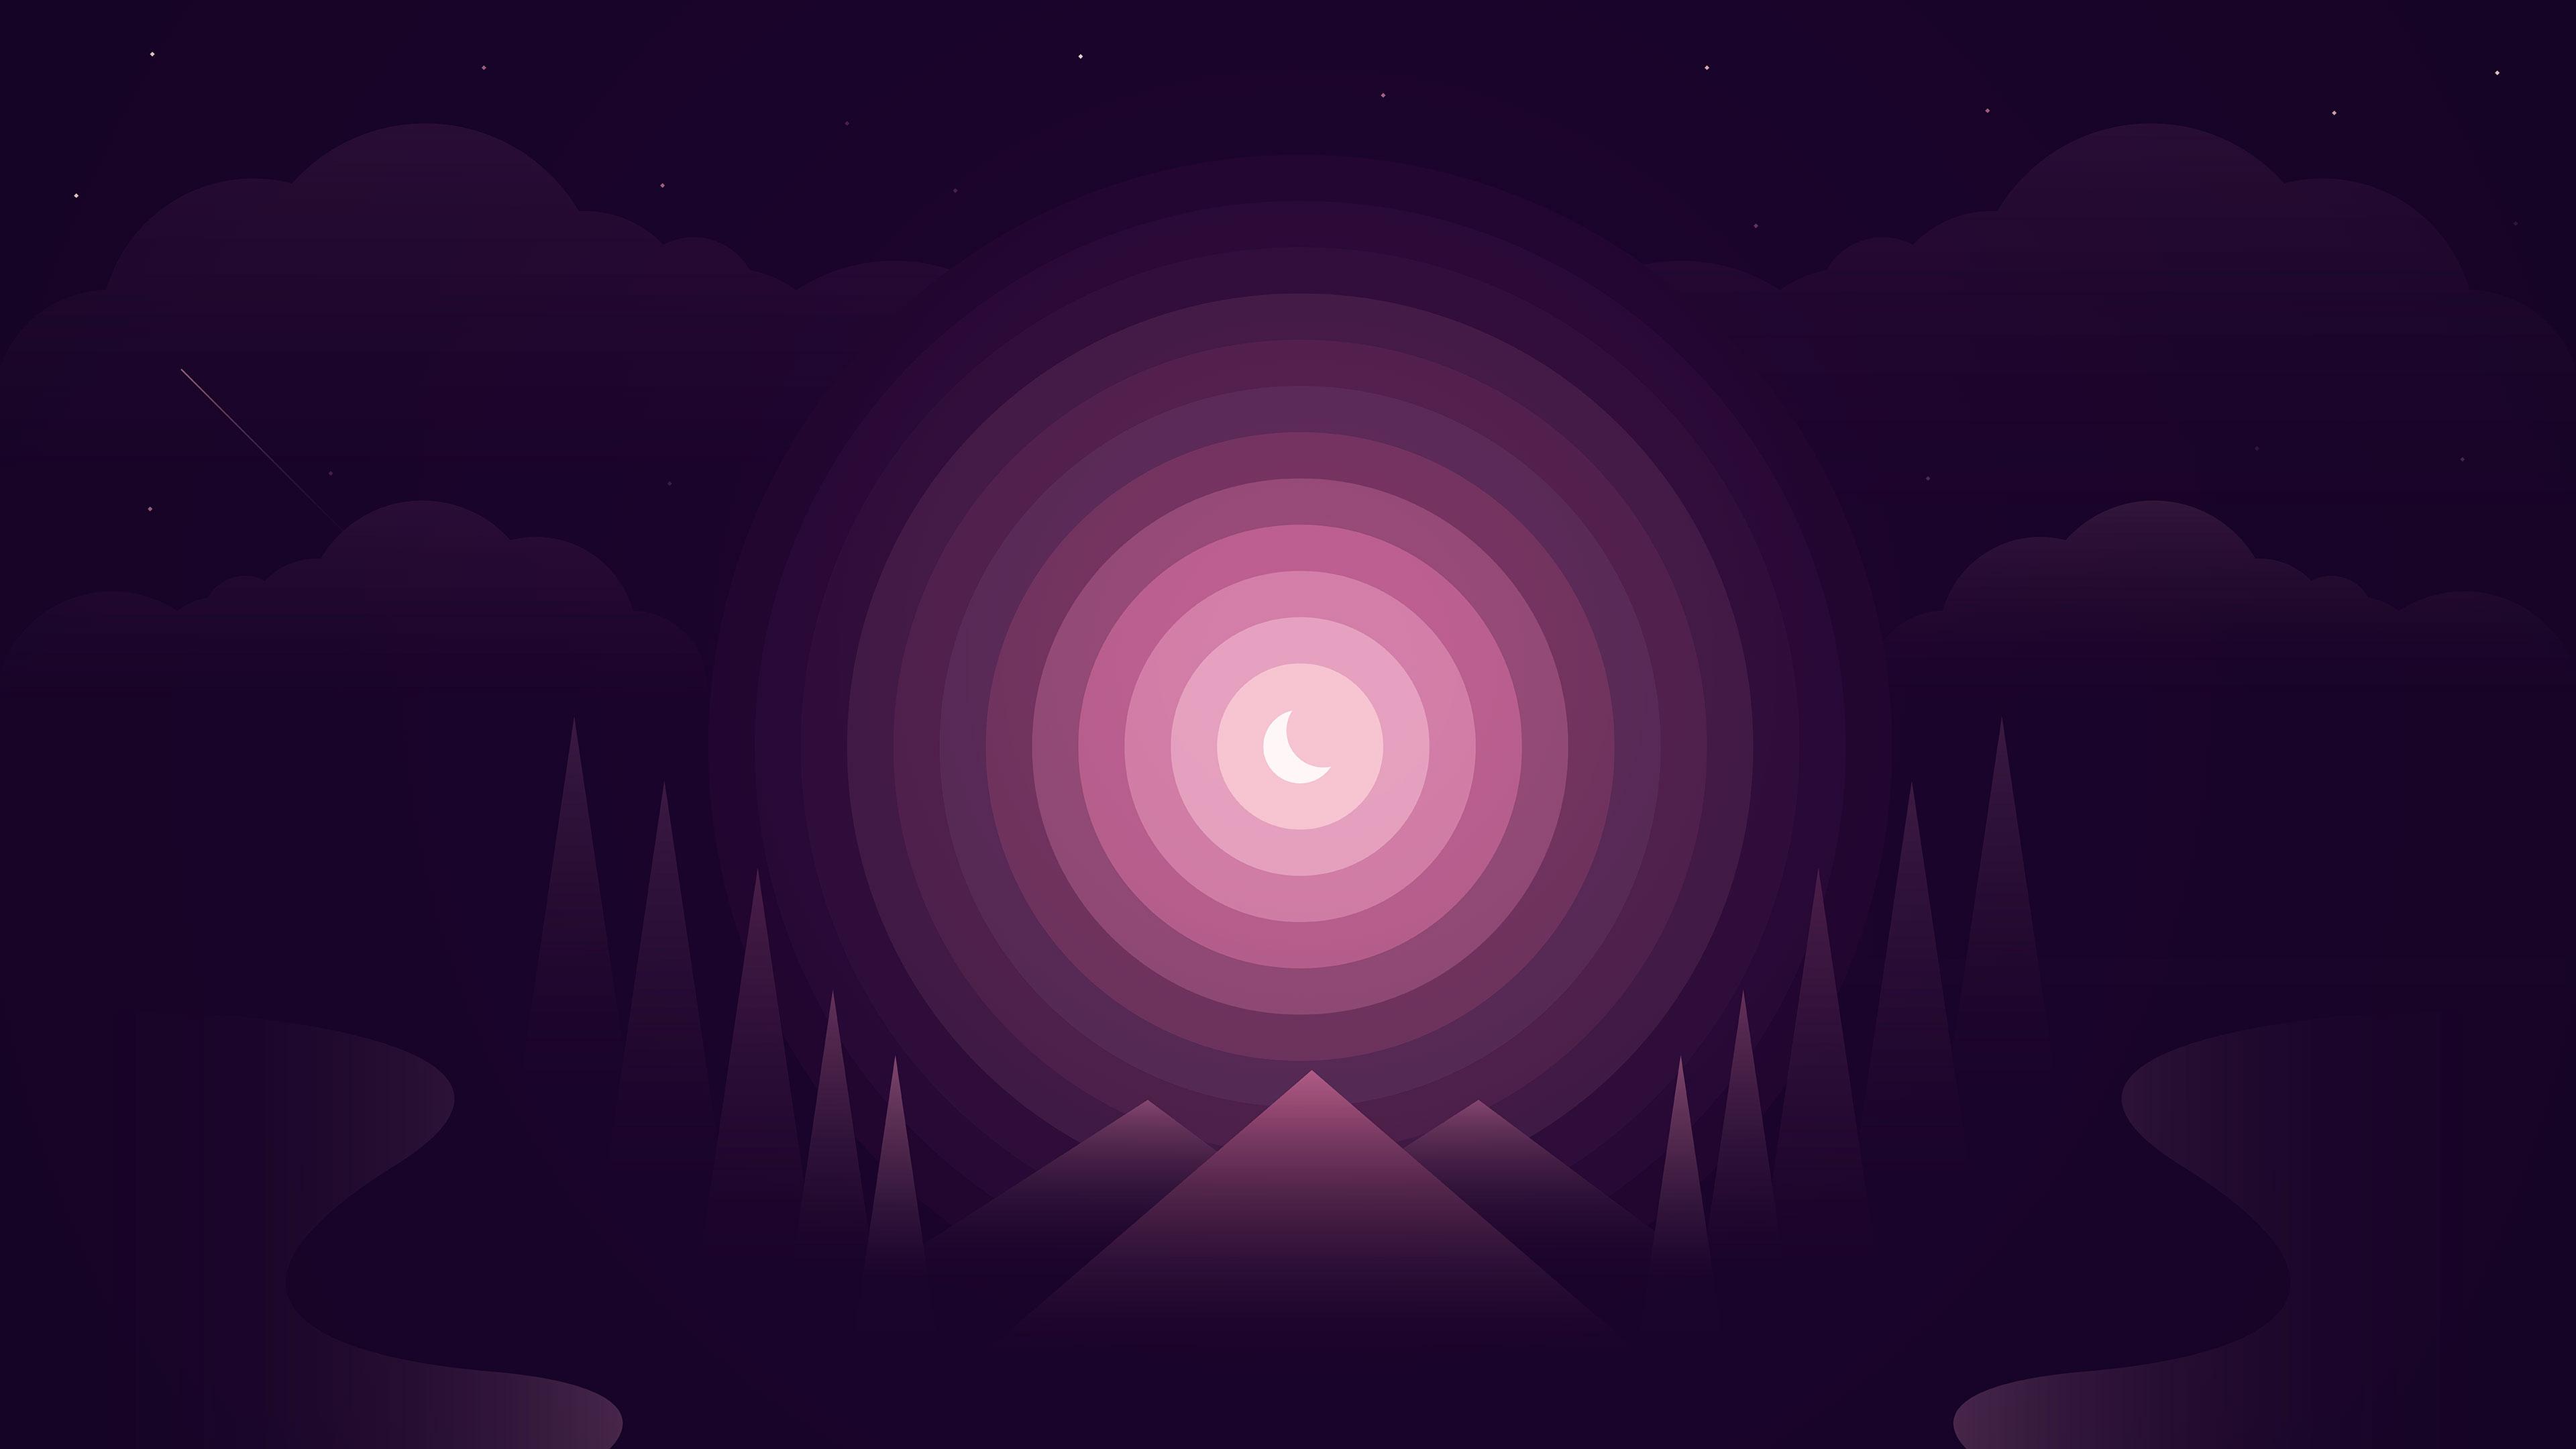 Иллюзия лунного излучения в неоновых кругах на звездном небосводе